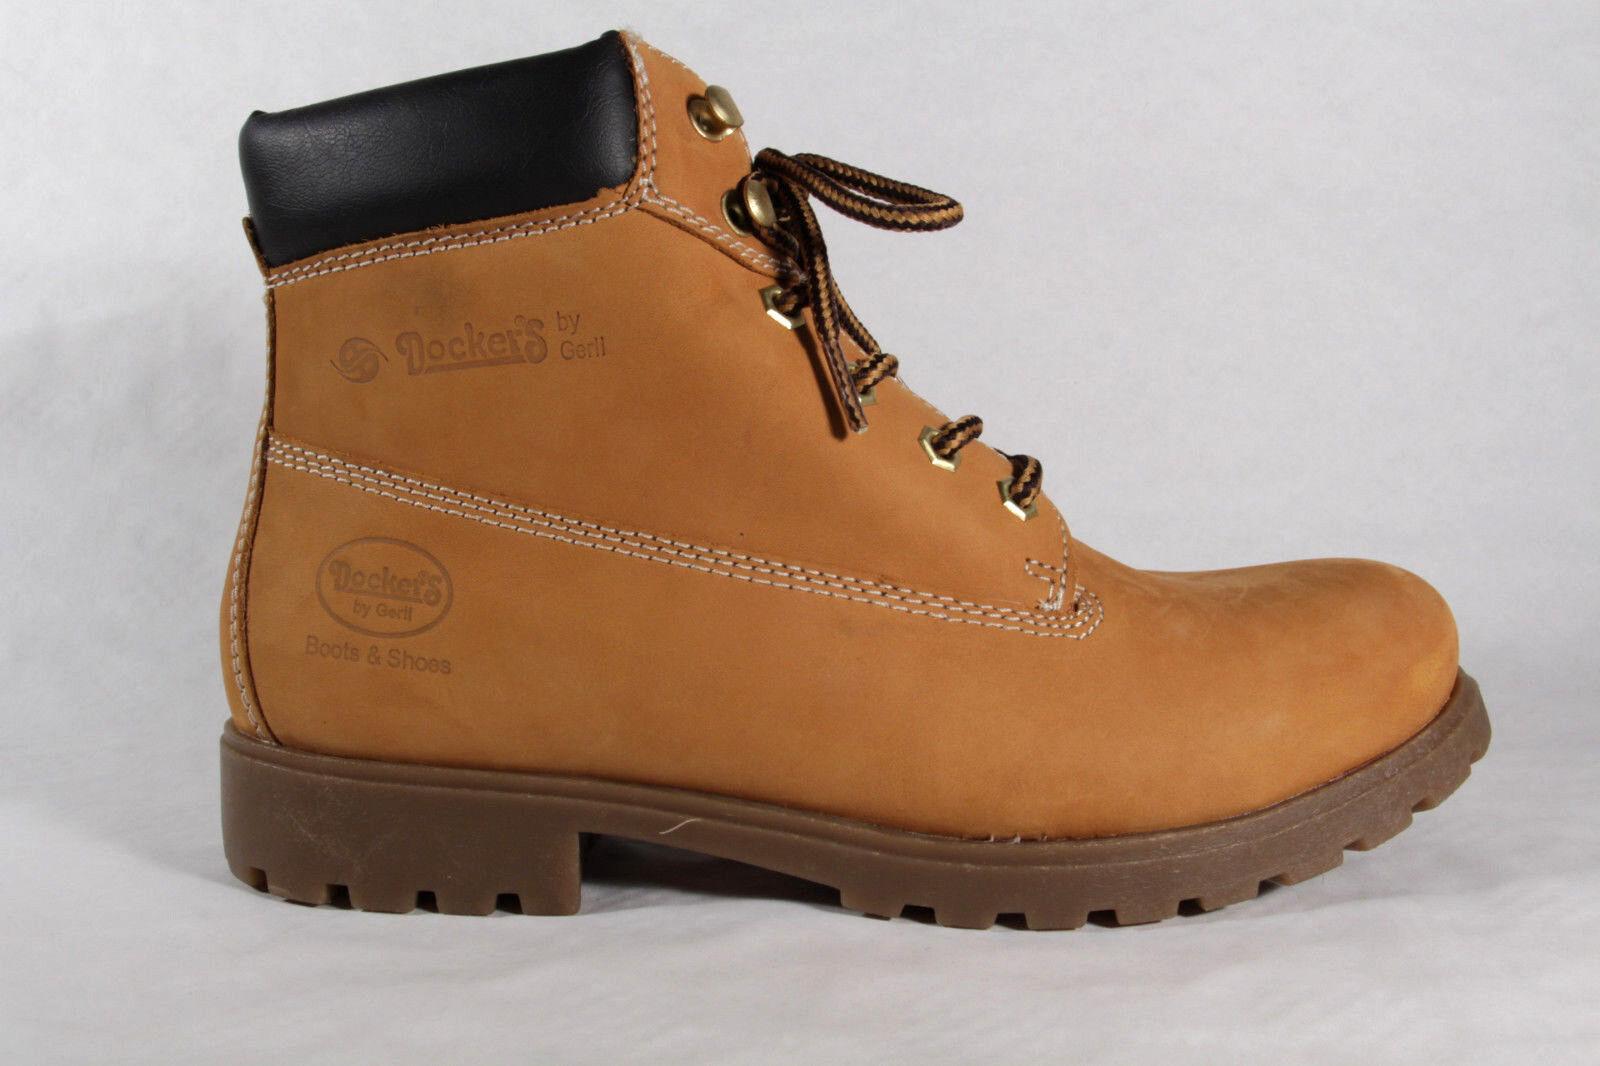 Winterstiefel 35ve006 Gelb Stiefel Herren Leder Goldentan Neu Dockers Boots iZuPkOX